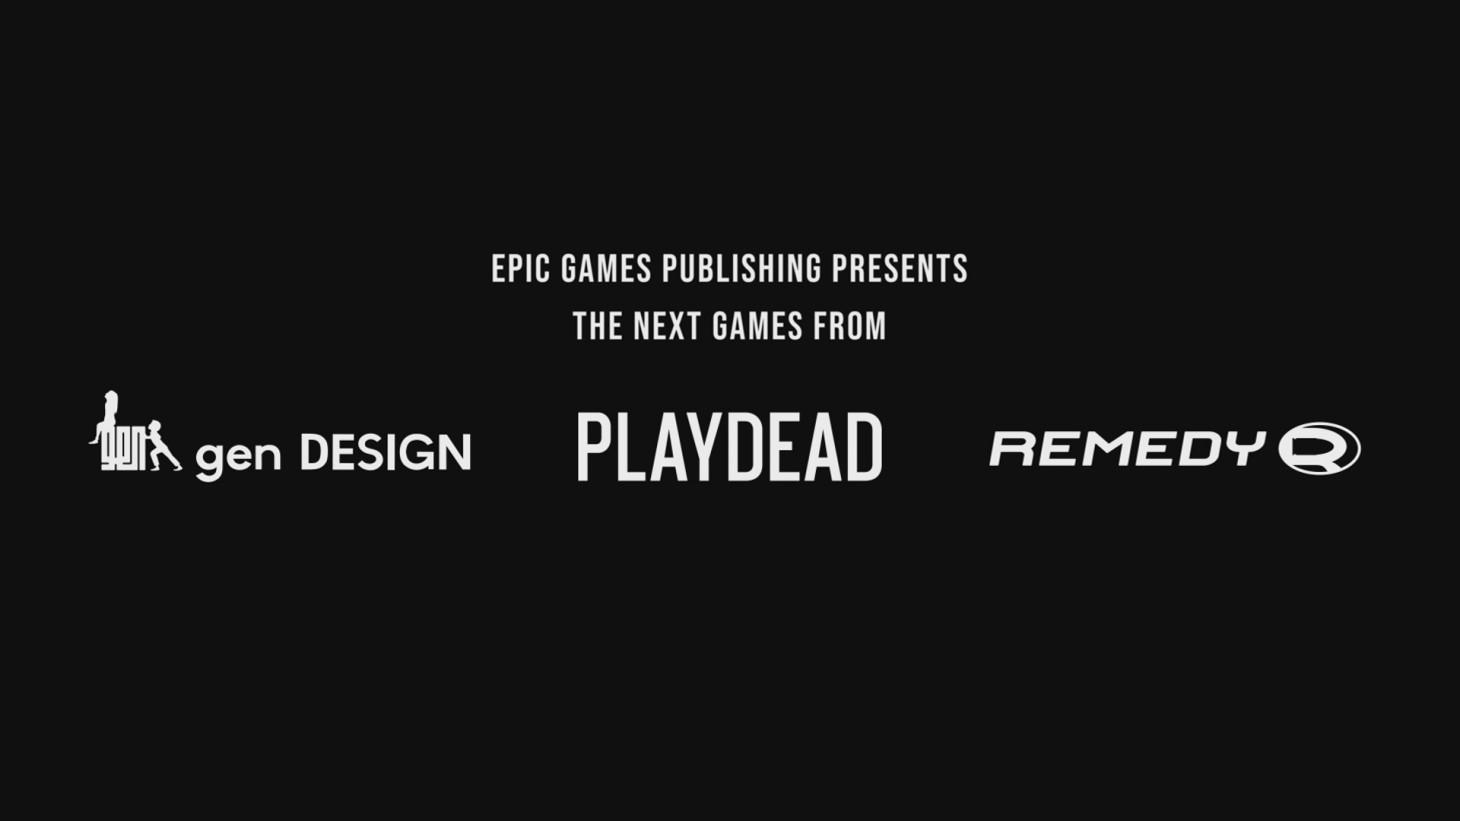 抱好大腿我们飞多家厂商和EpicGames签署独家发行协议